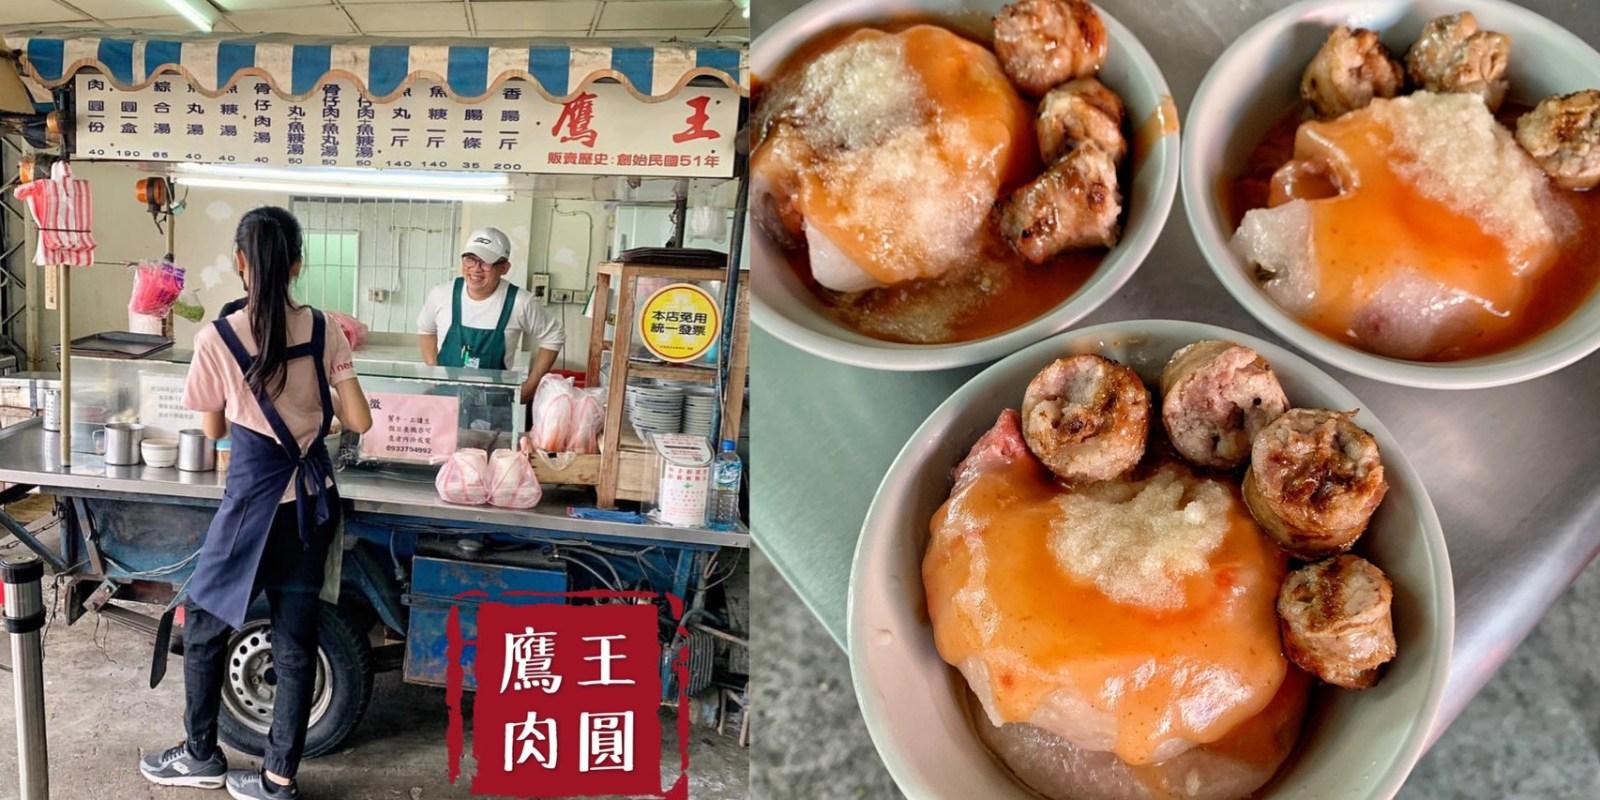 【新竹美食】飄香近60年的好味道『鷹王肉圓』是很多在地人從小吃到大的回憶!必點肉圓配香腸的組合!